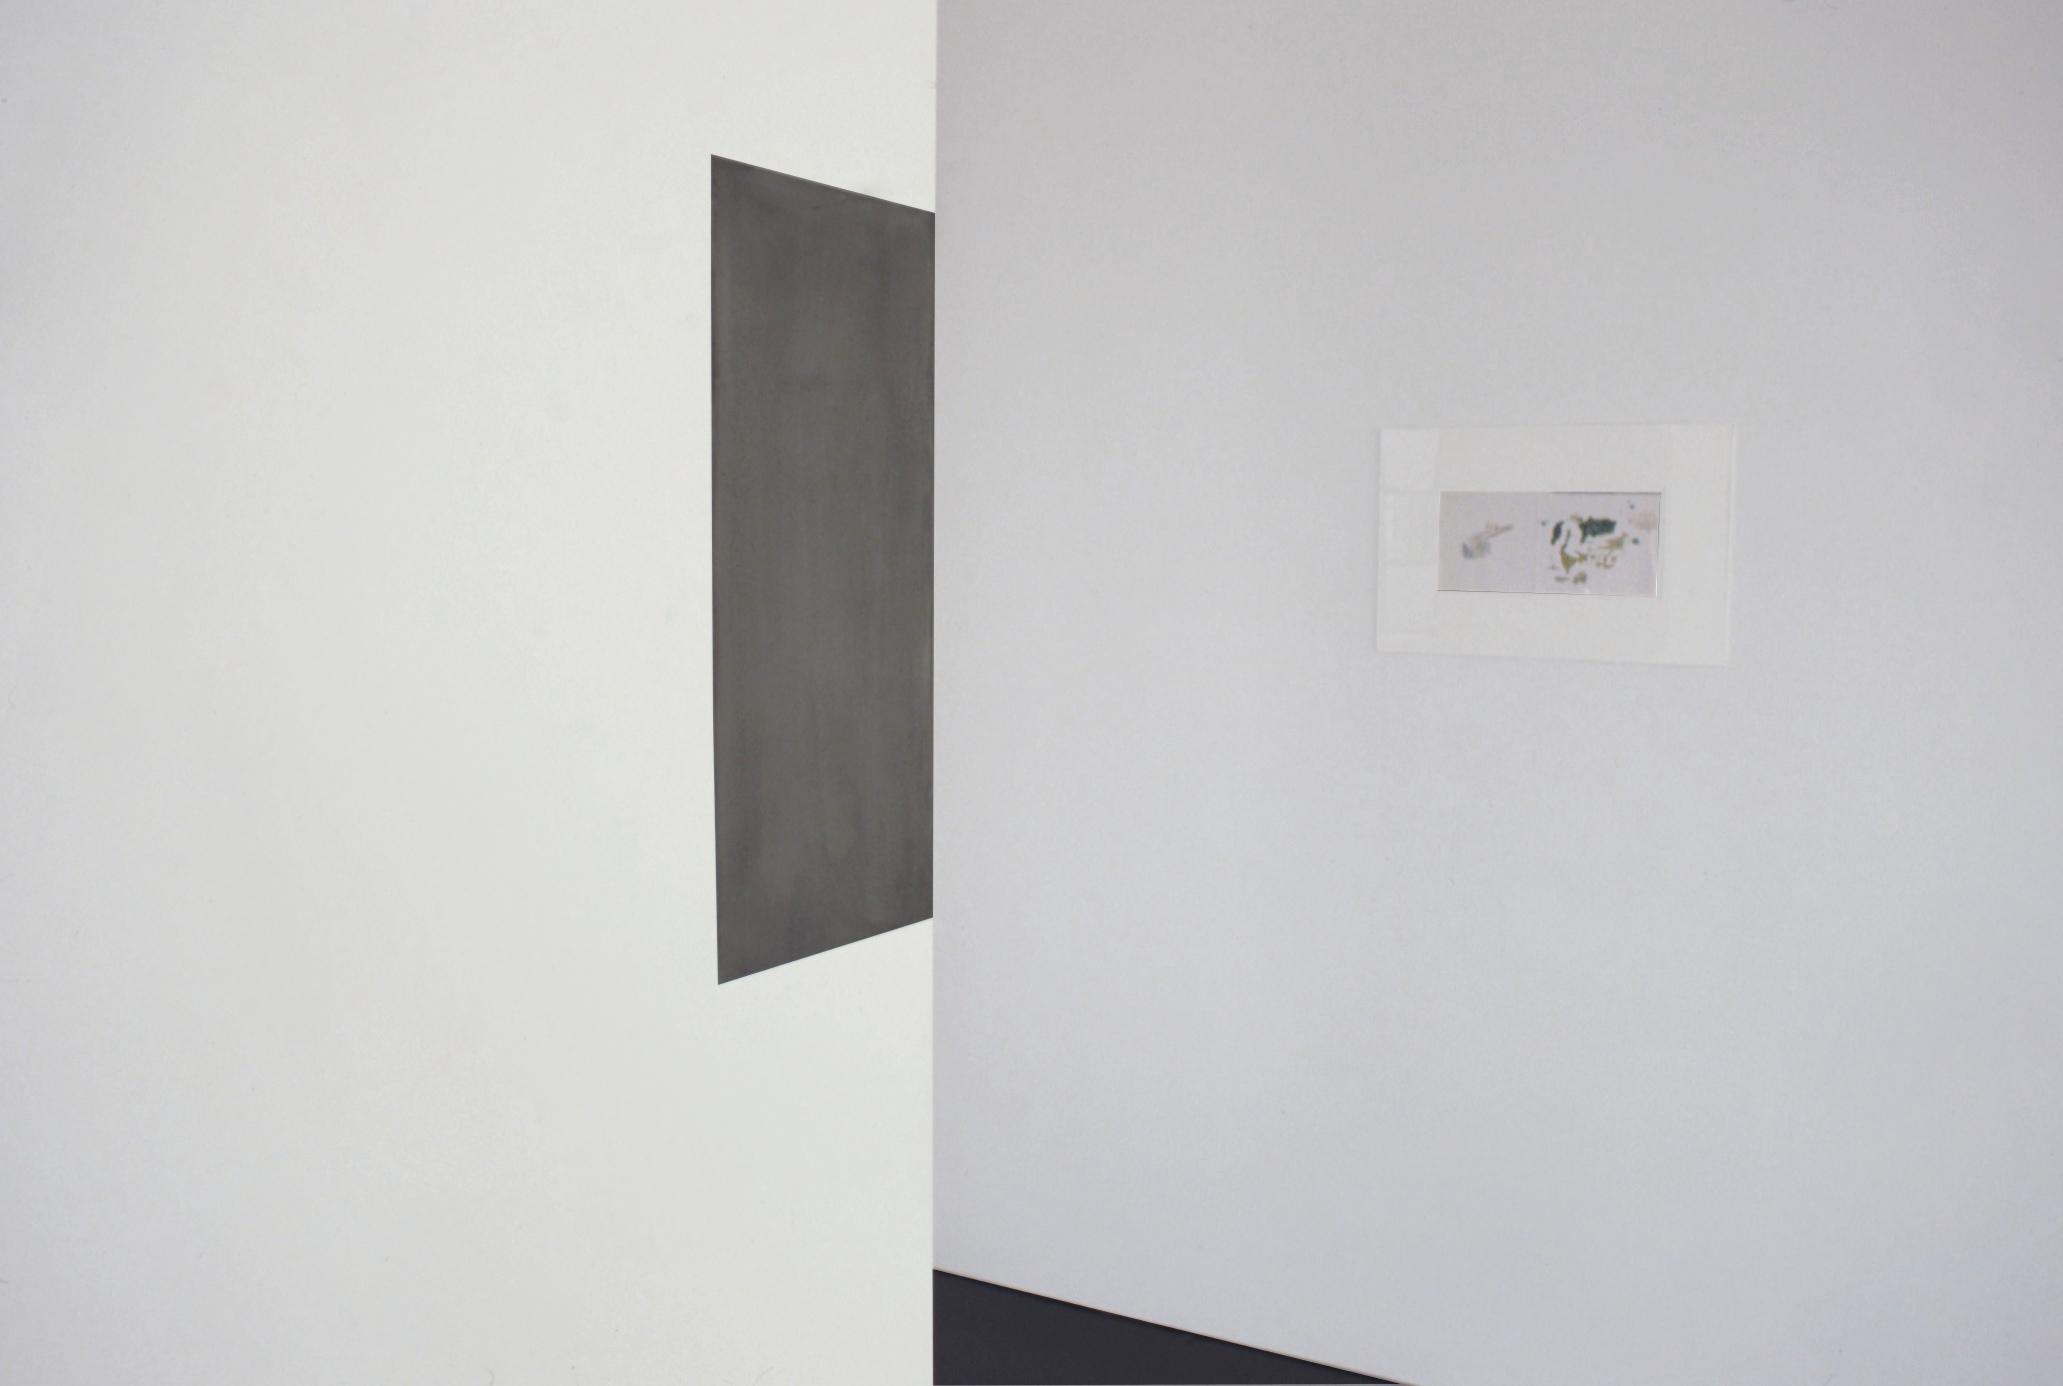 Ernst Caramelle at Lawrence Markey 1993 1.jpeg